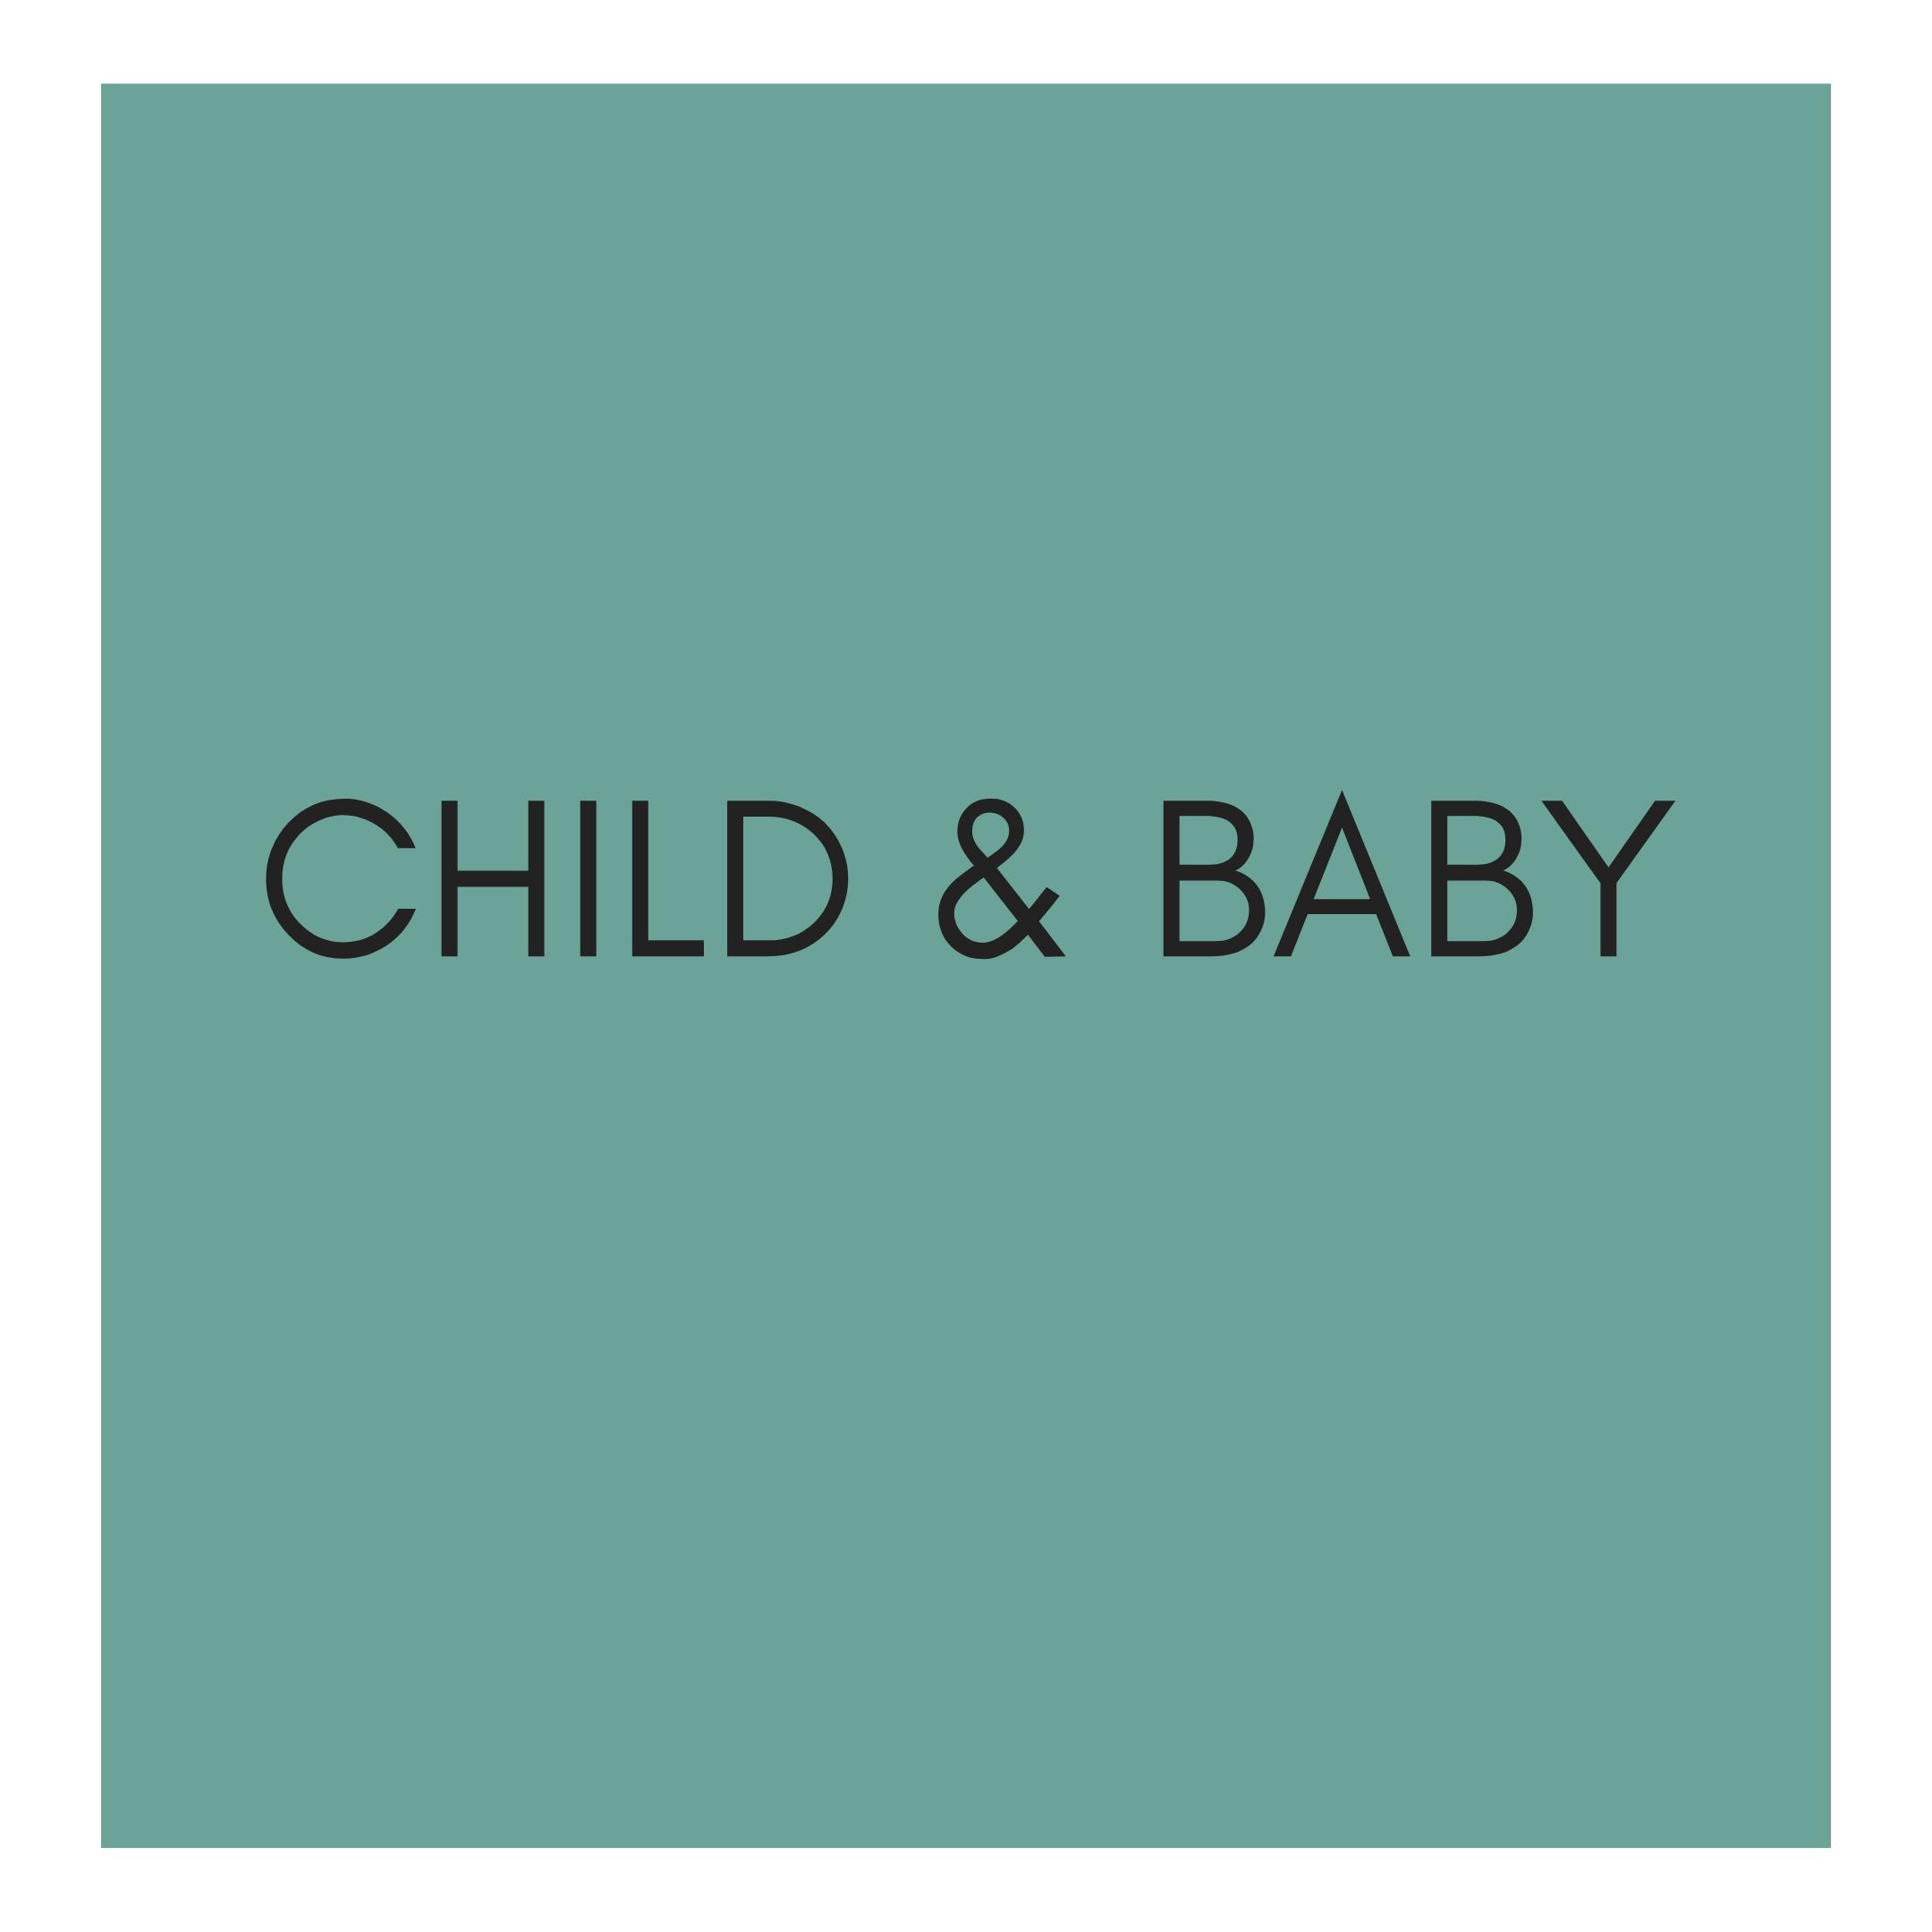 Child & Baby